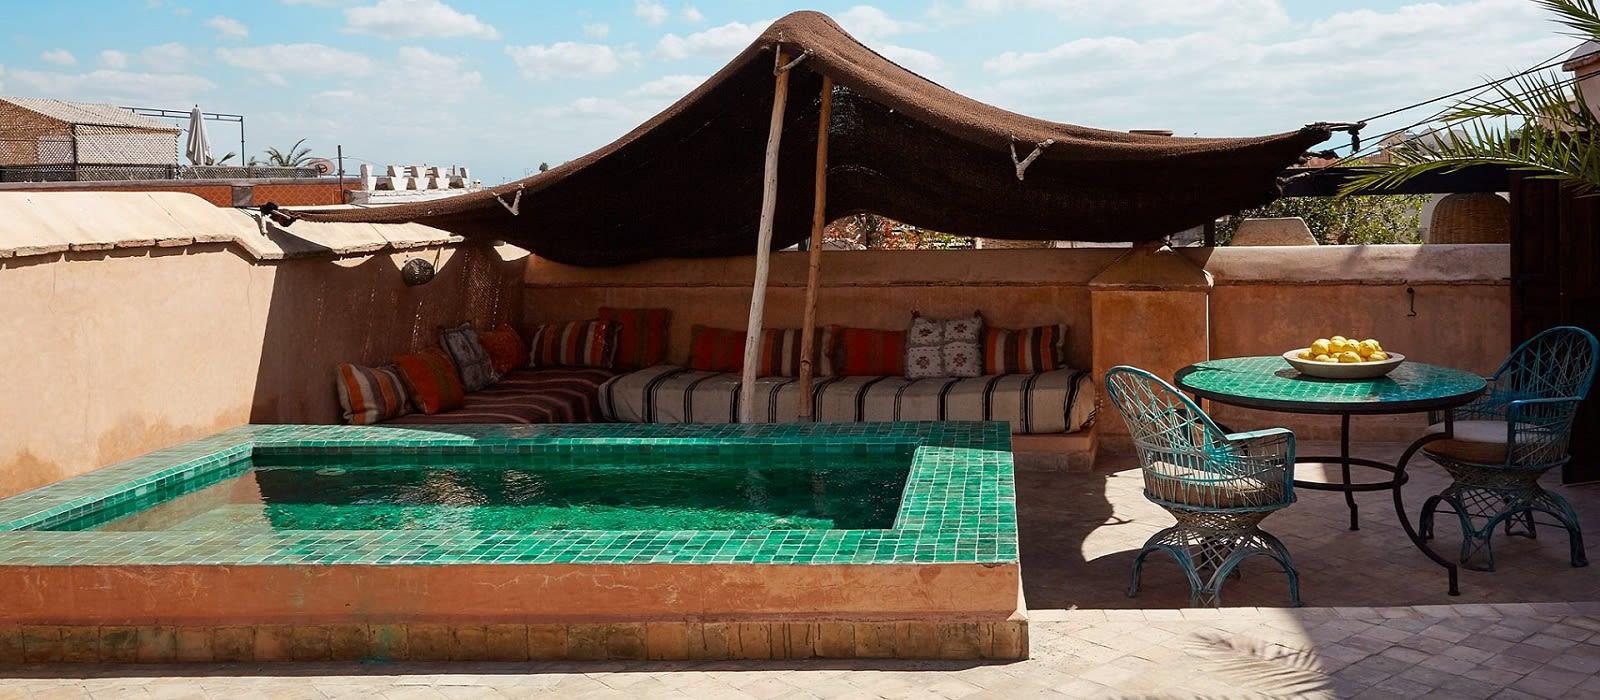 Hotel El Fenn Morocco